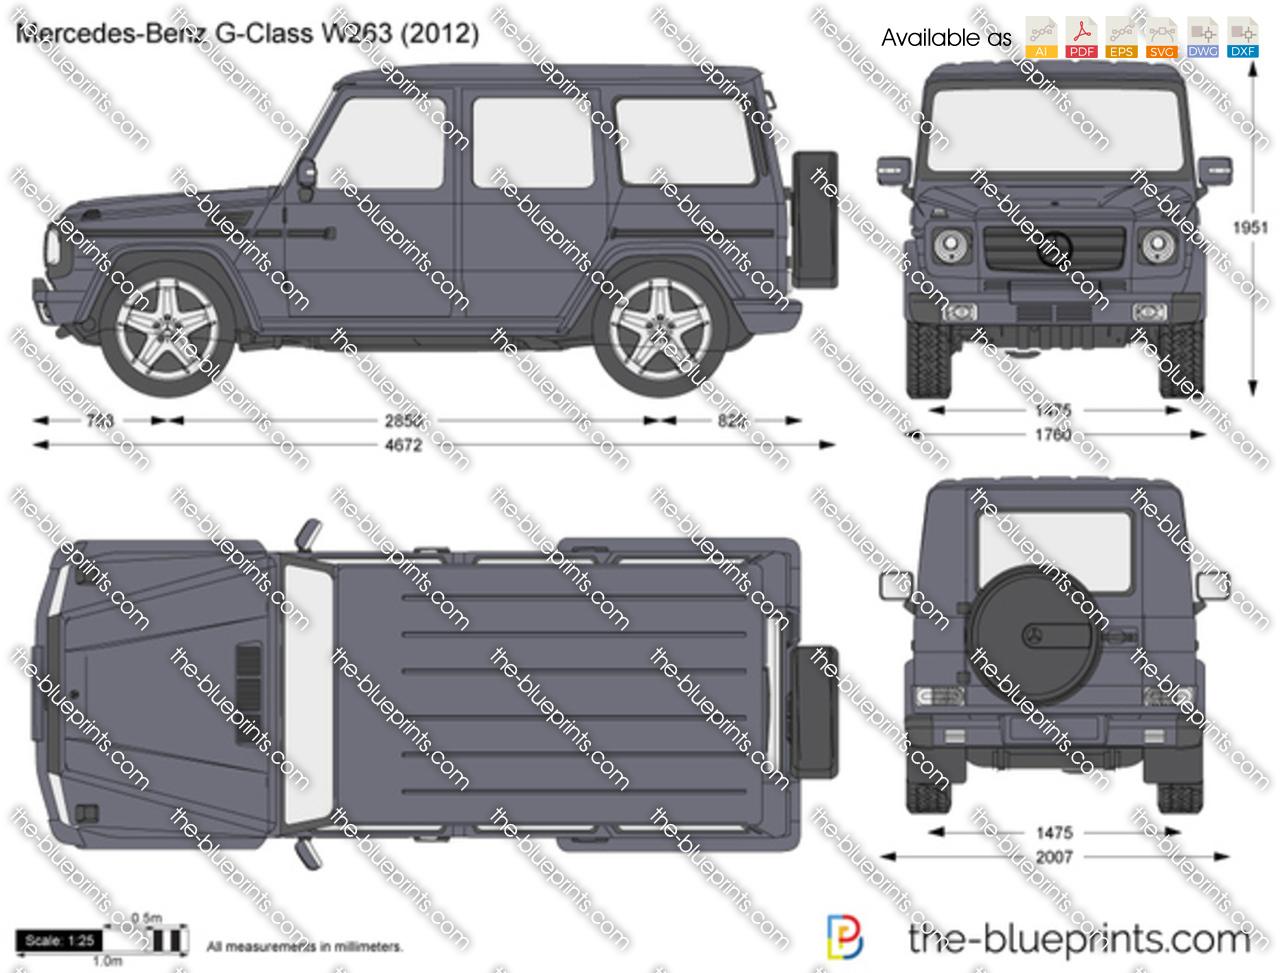 Mercedes-Benz G-Class W263 2013